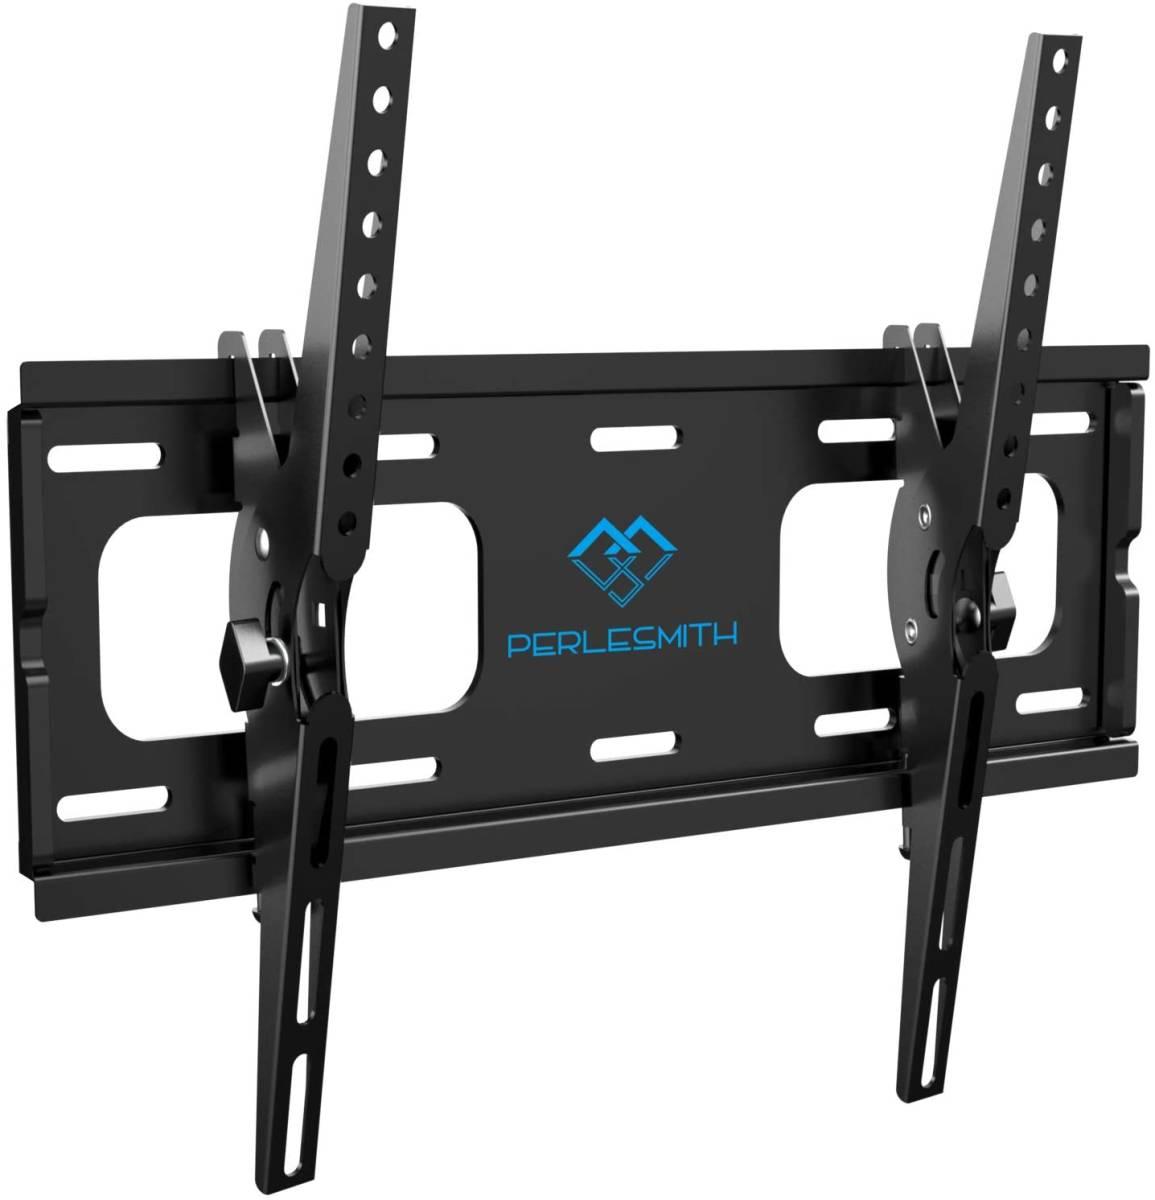 PERLESMITH テレビ壁掛け金具 26-55インチ対応 耐荷重60kg LCD LED 液晶テレビ用 ティルト±10度 VESA400x400mm (ブラック)_画像1